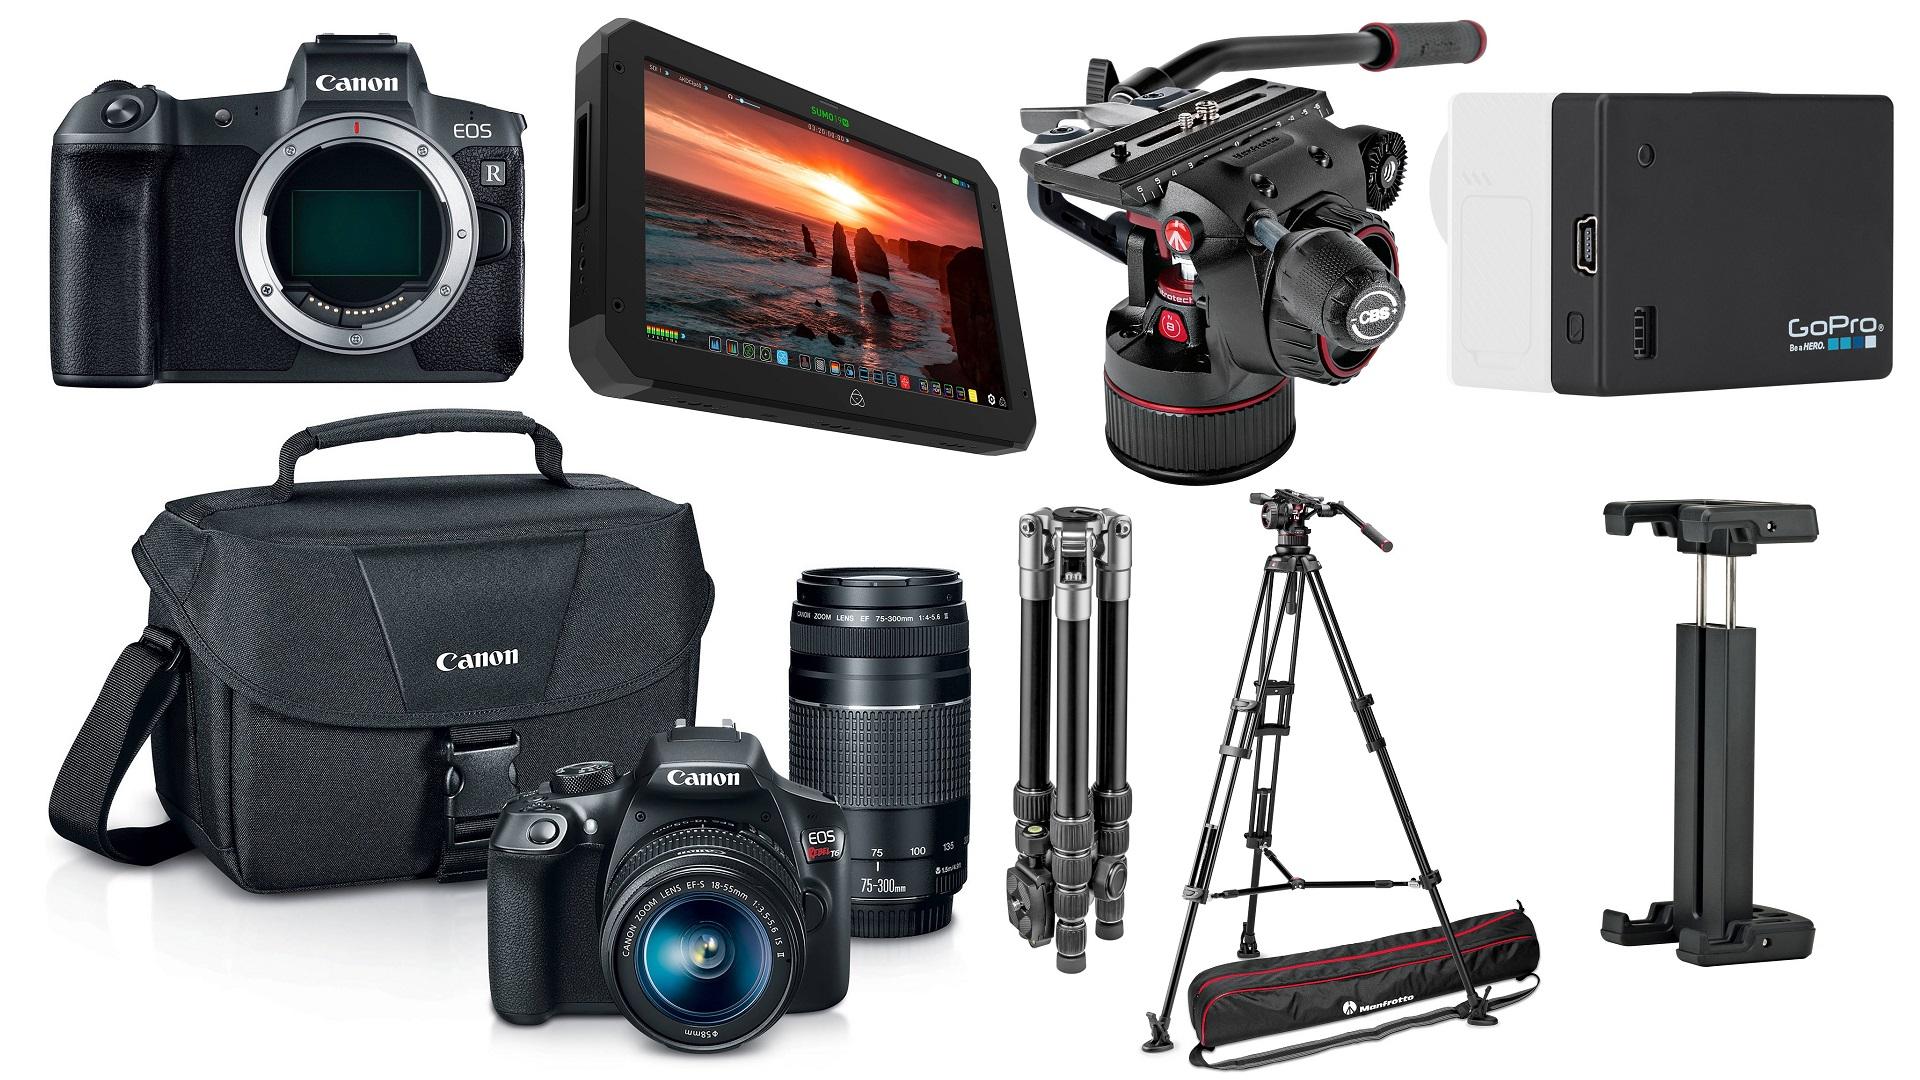 Las mejores ofertas para cineastas – $1000 de descuento en el Atomos SUMO, descuentos en la Canon EOS R, cabezales Manfrotto Nitrotech y más